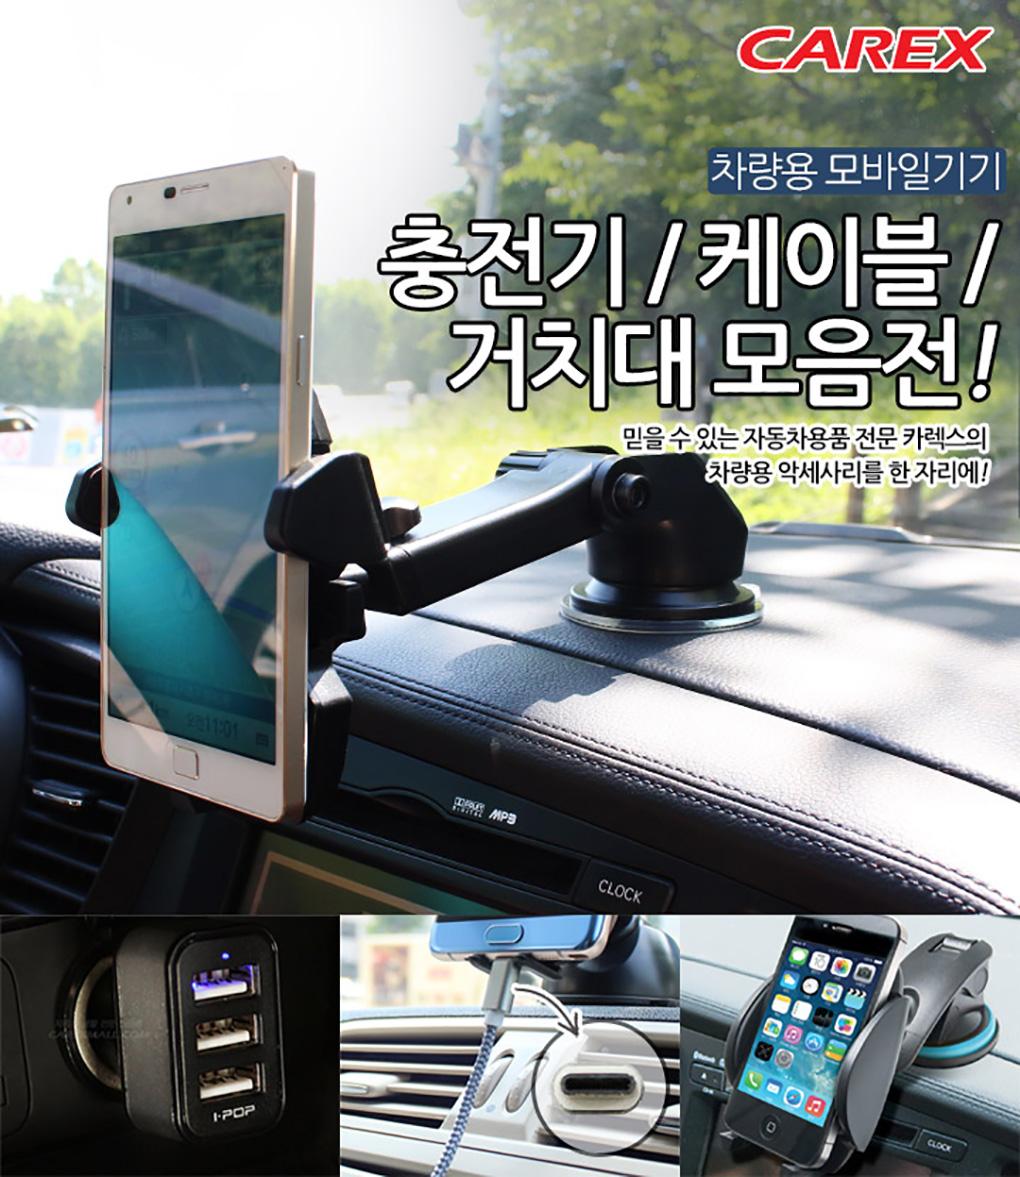 카렉스 차량용 모바일기기 충전기/거치대/케이블 모음전